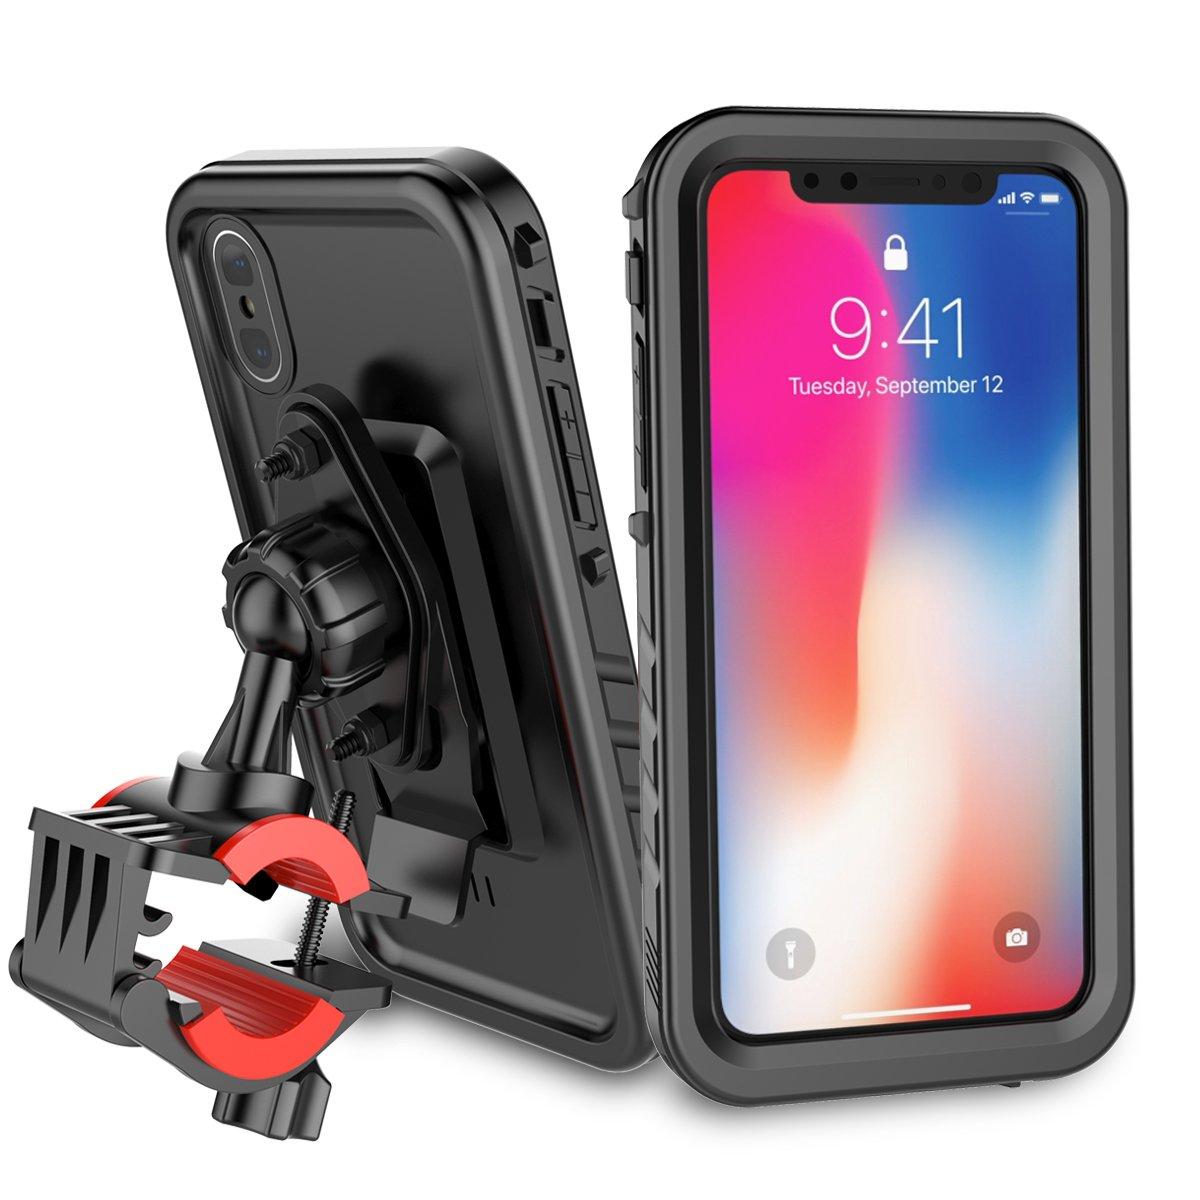 half off 337da 55fe7 Bike Mount iPhone X/ iPhone 10 Waterproof Outdoor Case Shockproof Bicycle  Holder Cradle Handlebar Mount Holder Shockproof + Screen Protector for ...